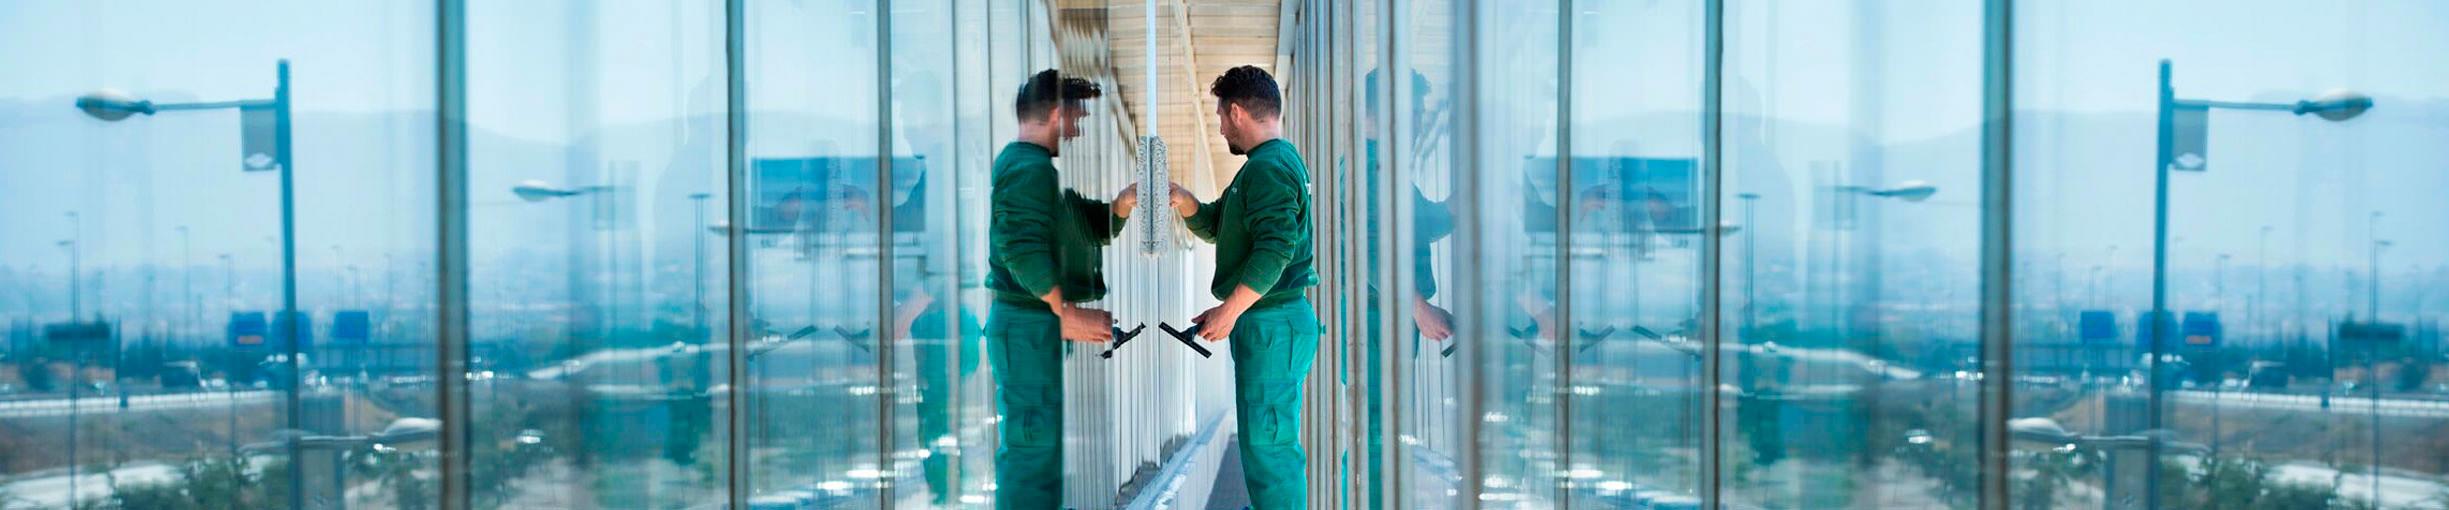 Limpiezas Castor. limpieza-cristales-altura-granada Limpieza de cristales en altura Granada